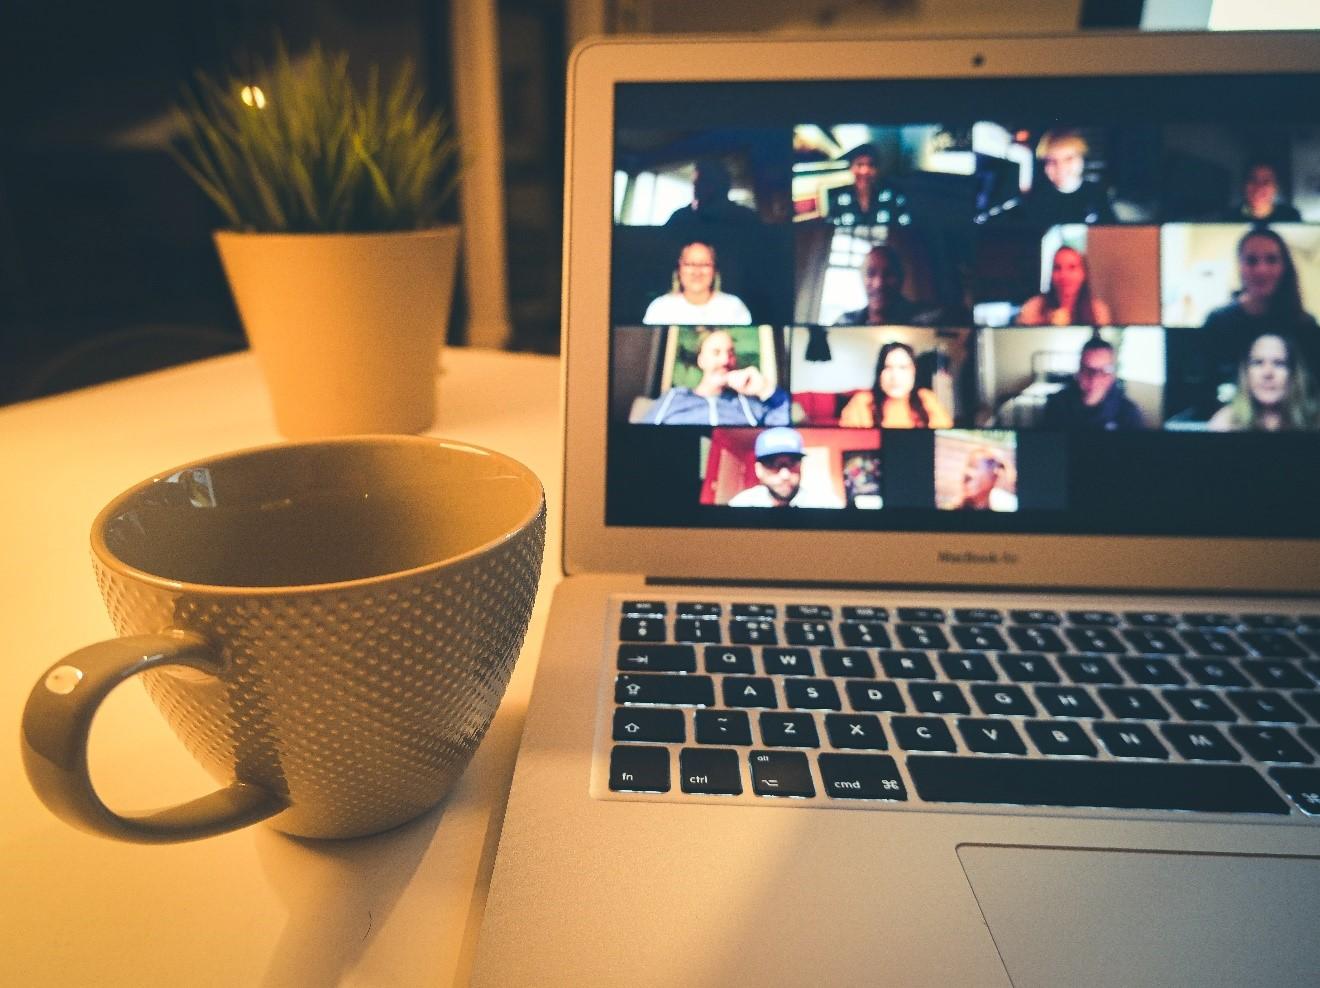 bureau avec ordinateur et tasse de café